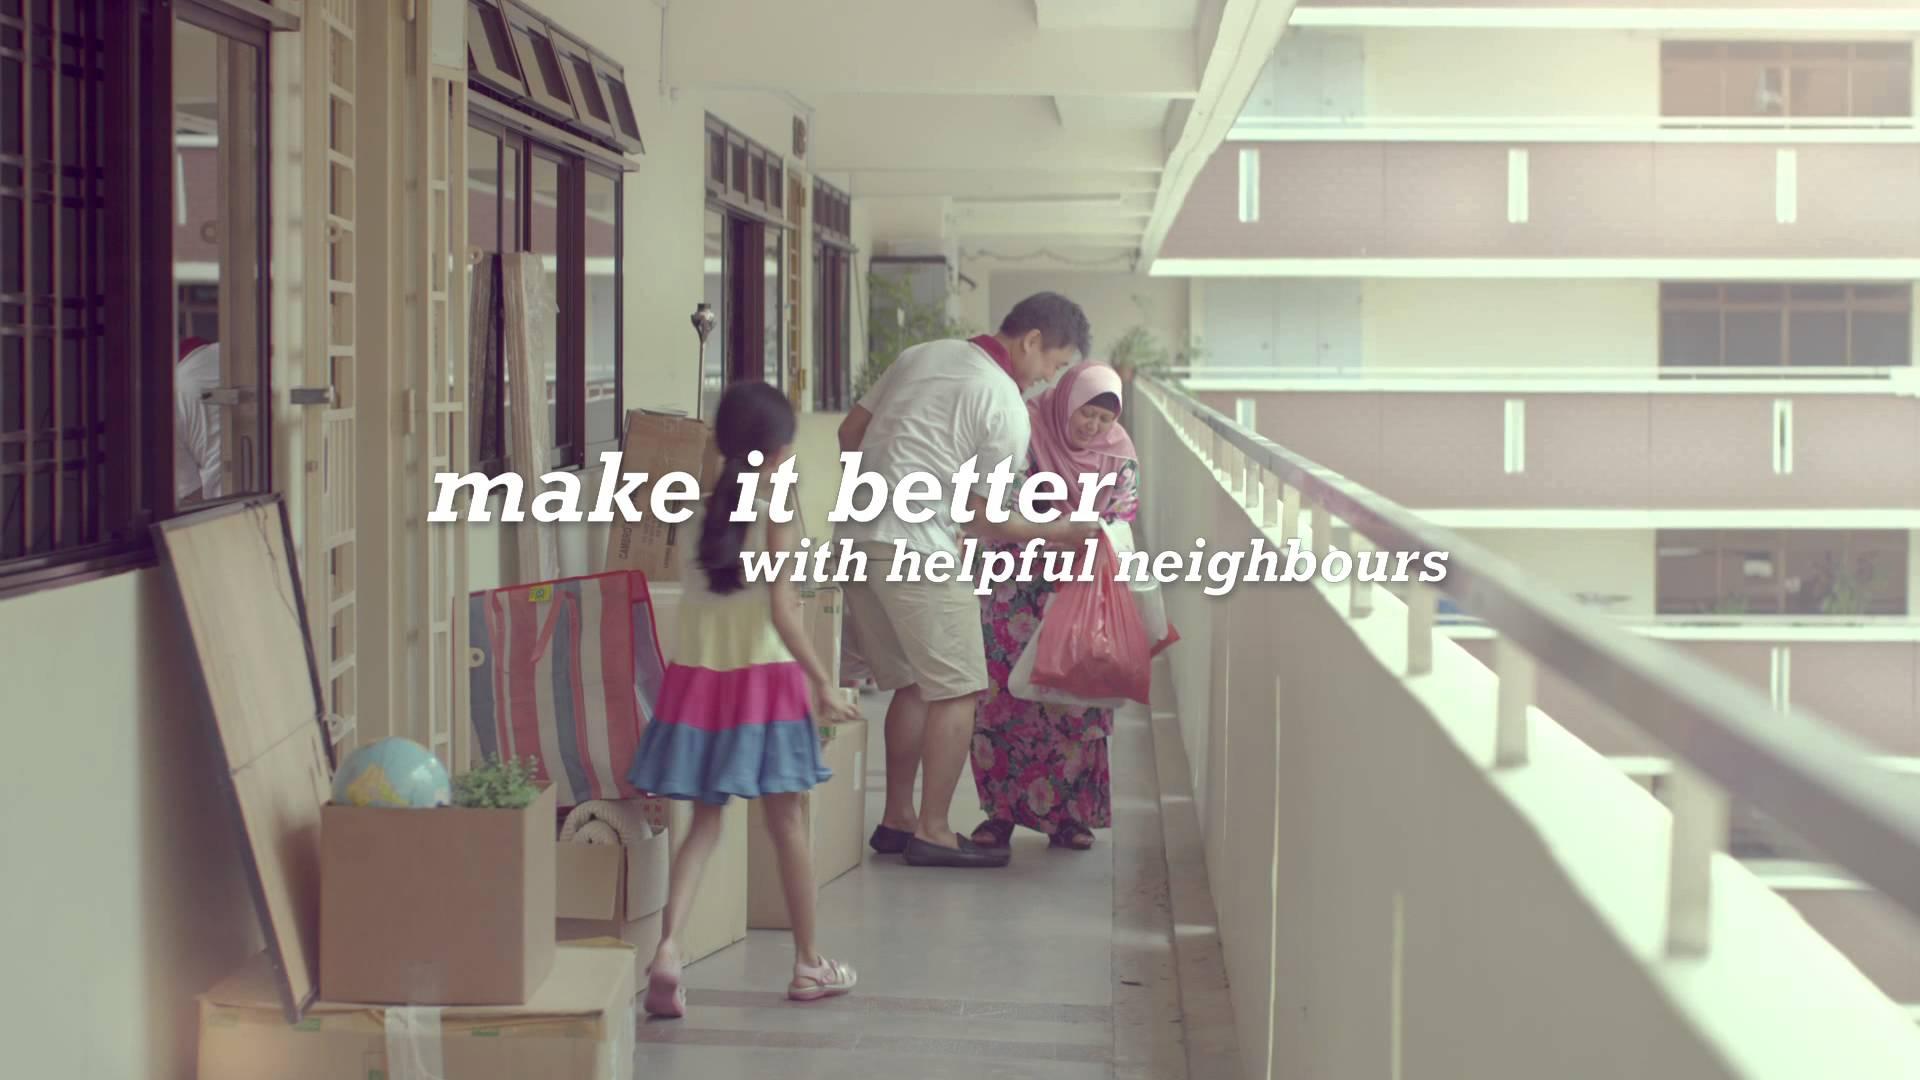 シンガポール公共広告 MAKE IT BETTER